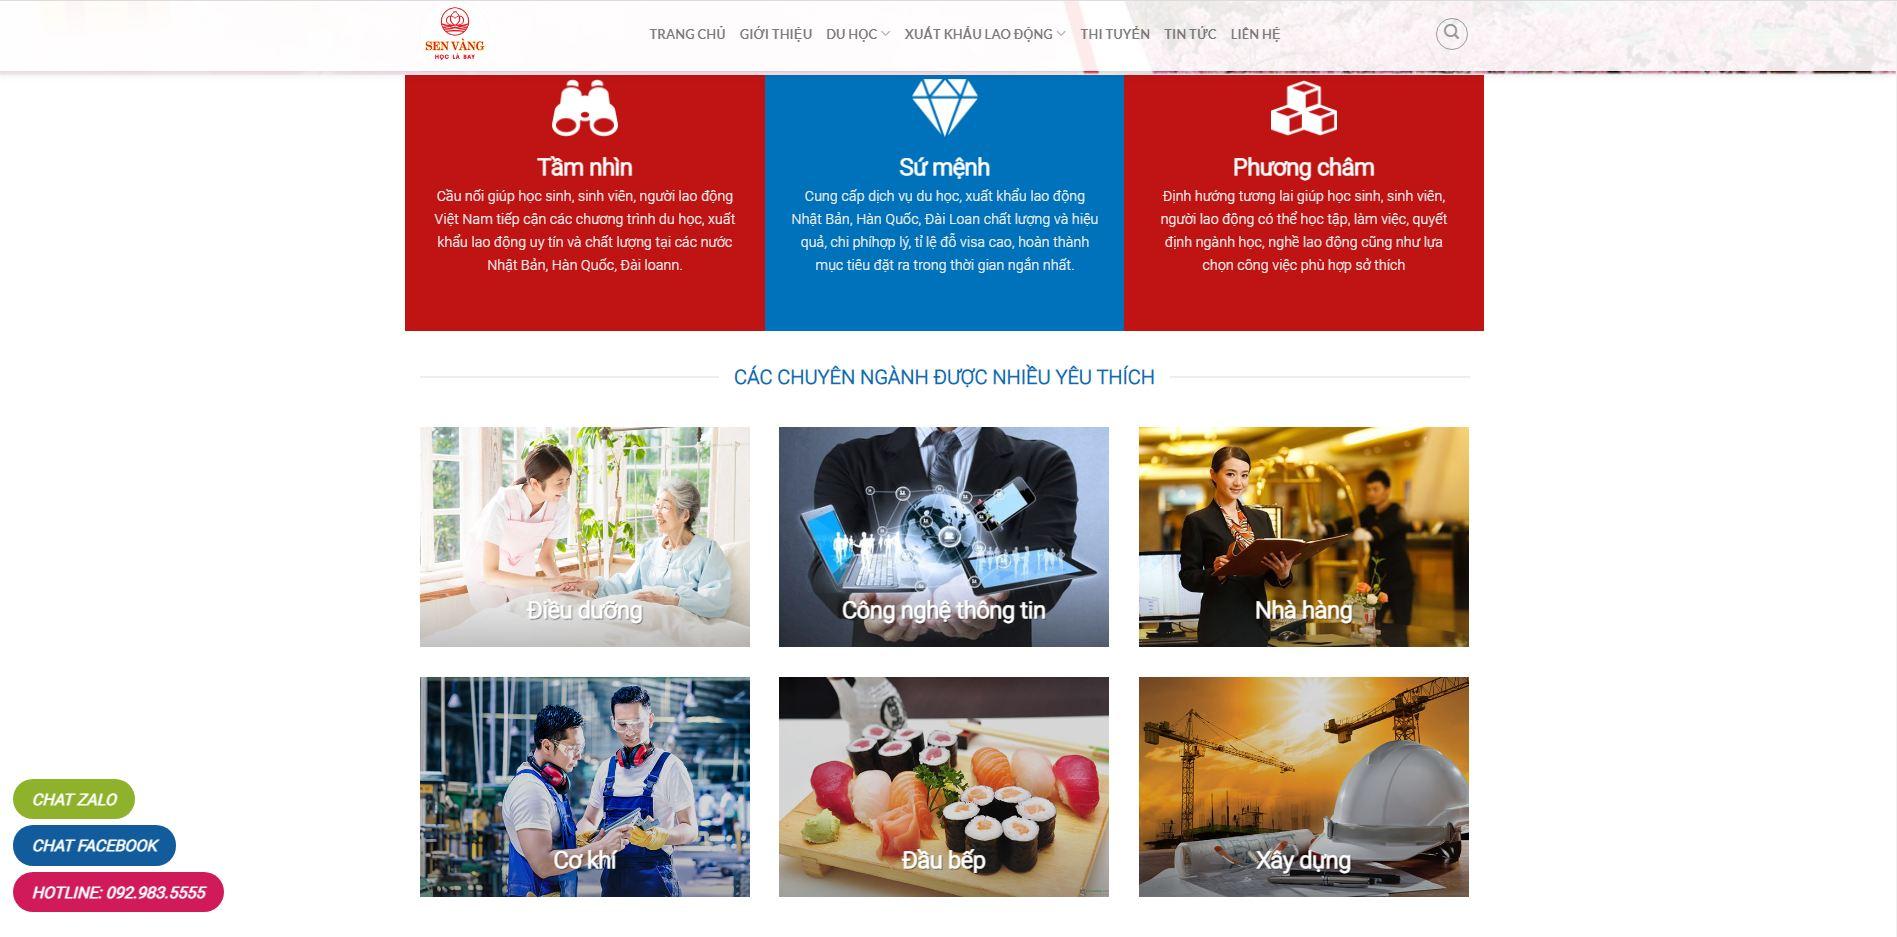 Mẫu web du học và xuất khẩu lao động Sen Vàng